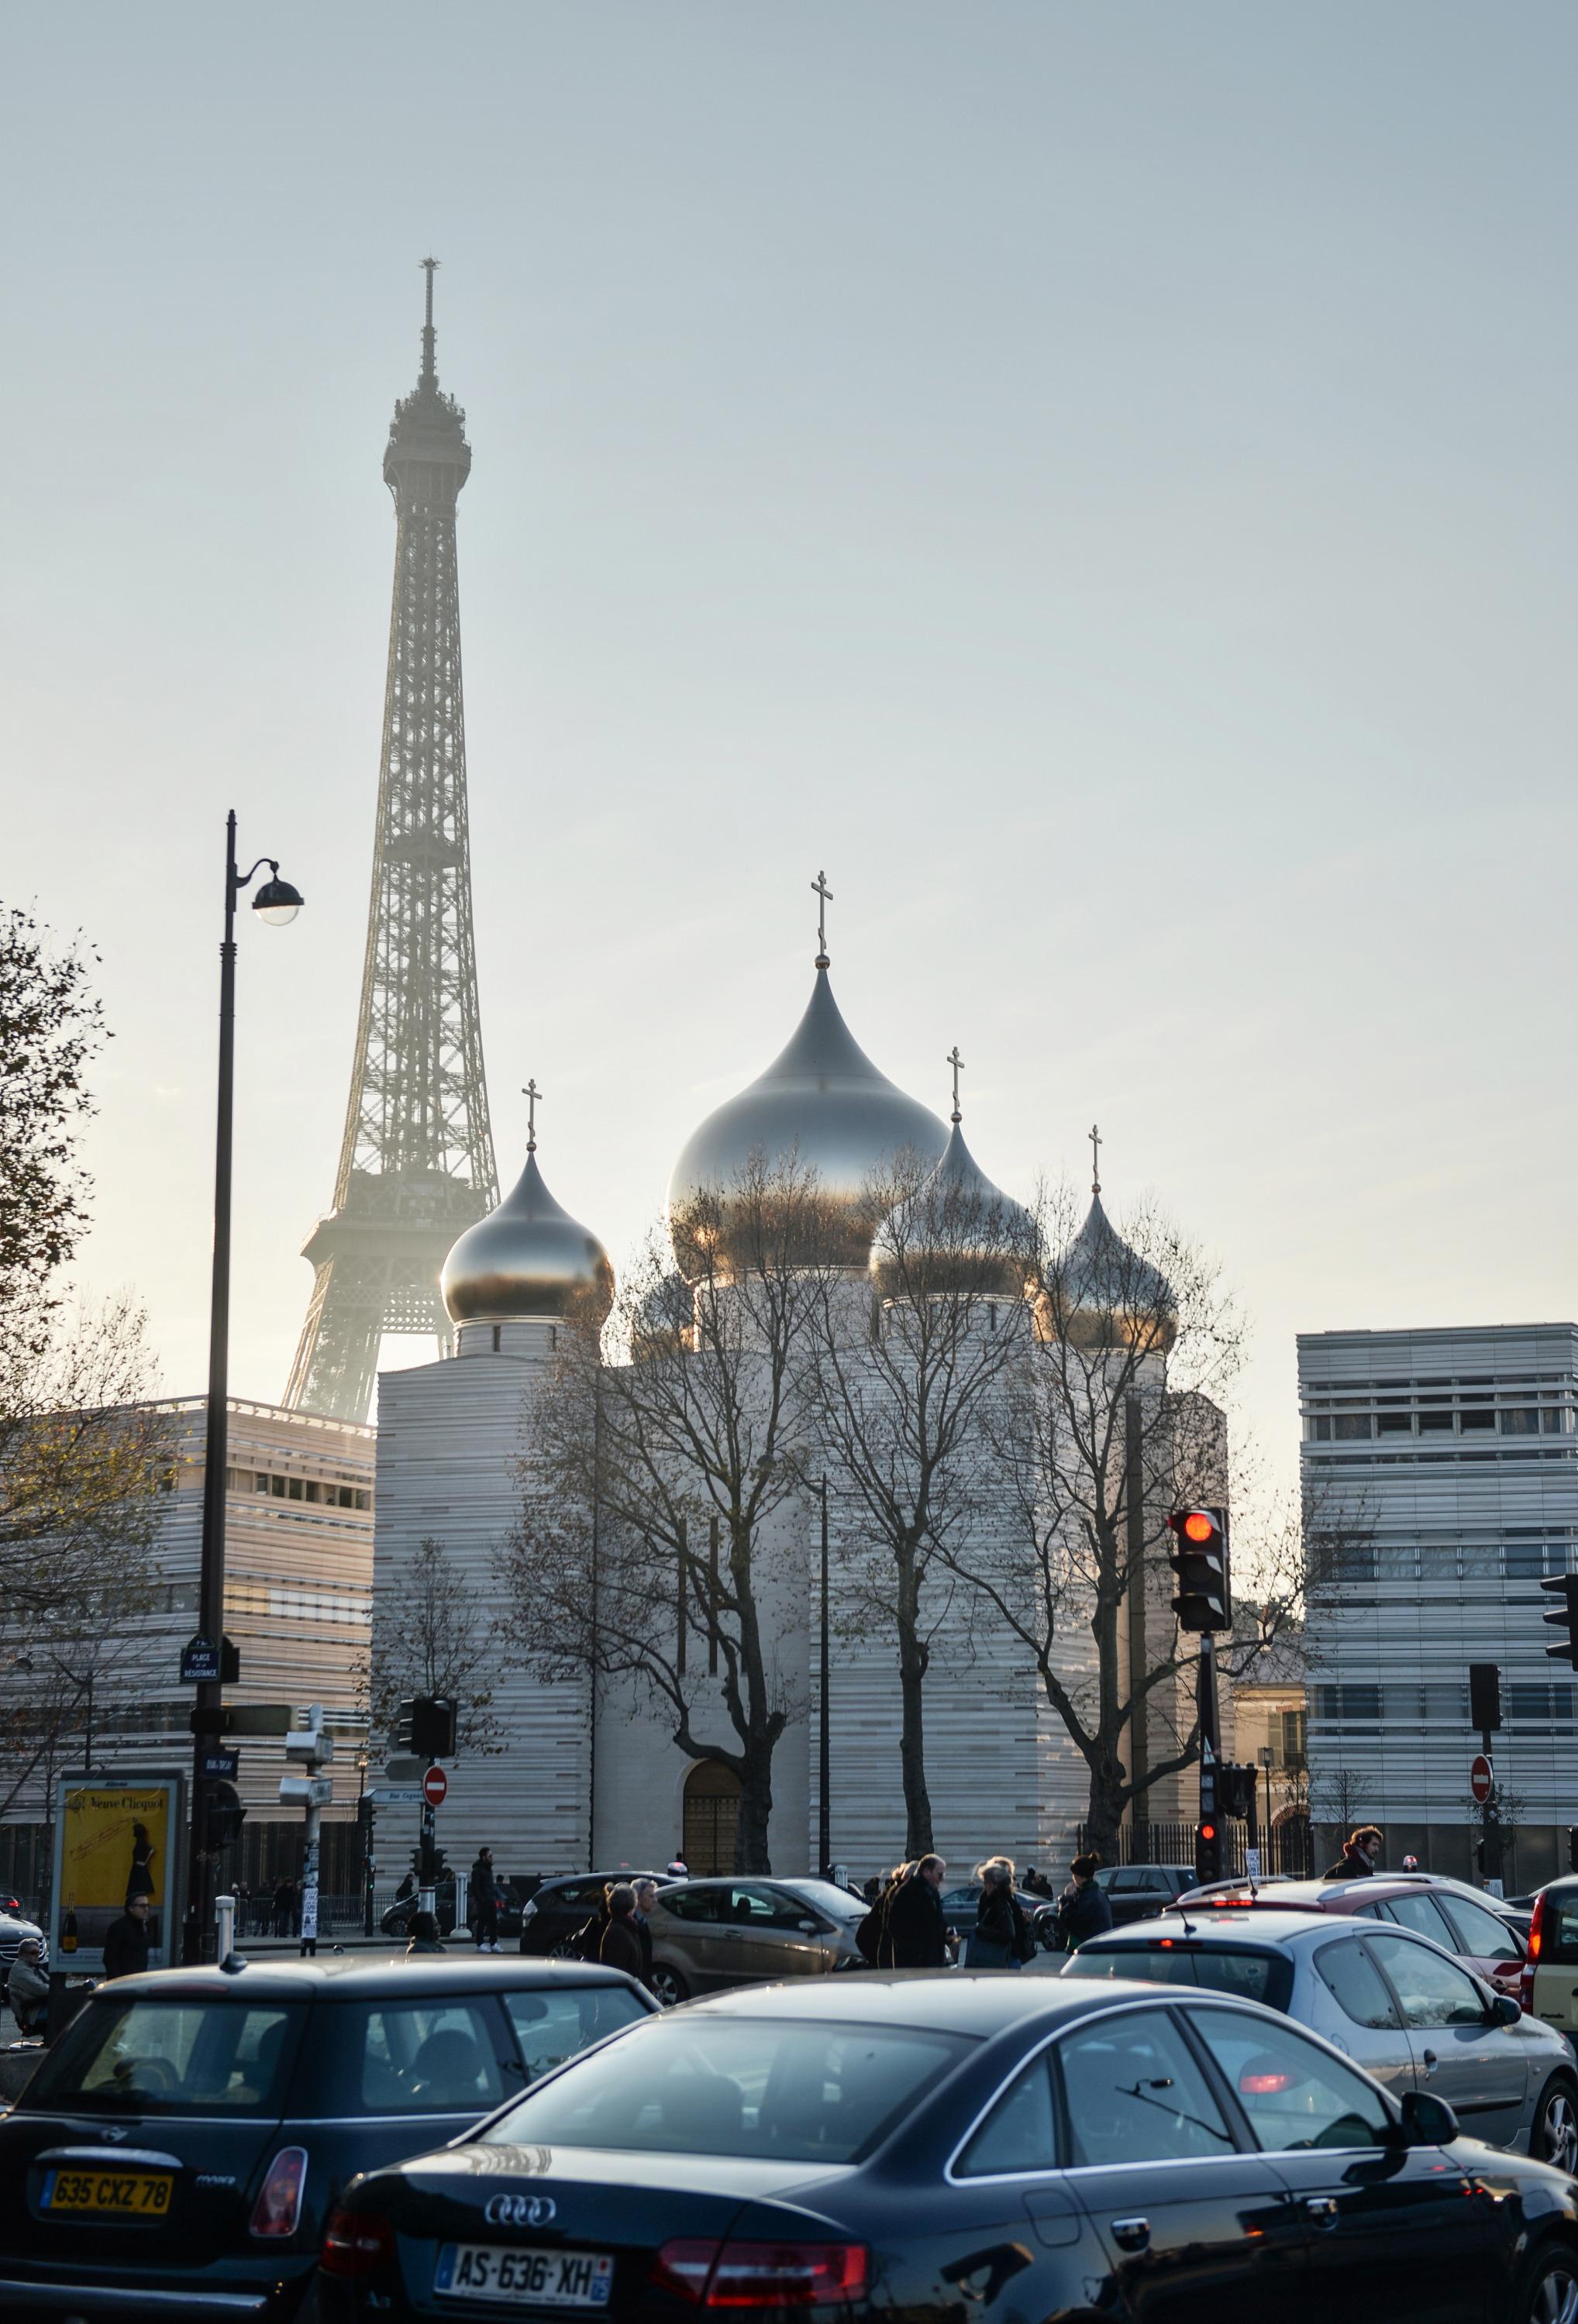 В Париже РПЦ построила храм в современной стилистике. Екатеринбургские активисты также предлагали вписать новый храм в архитектуру города